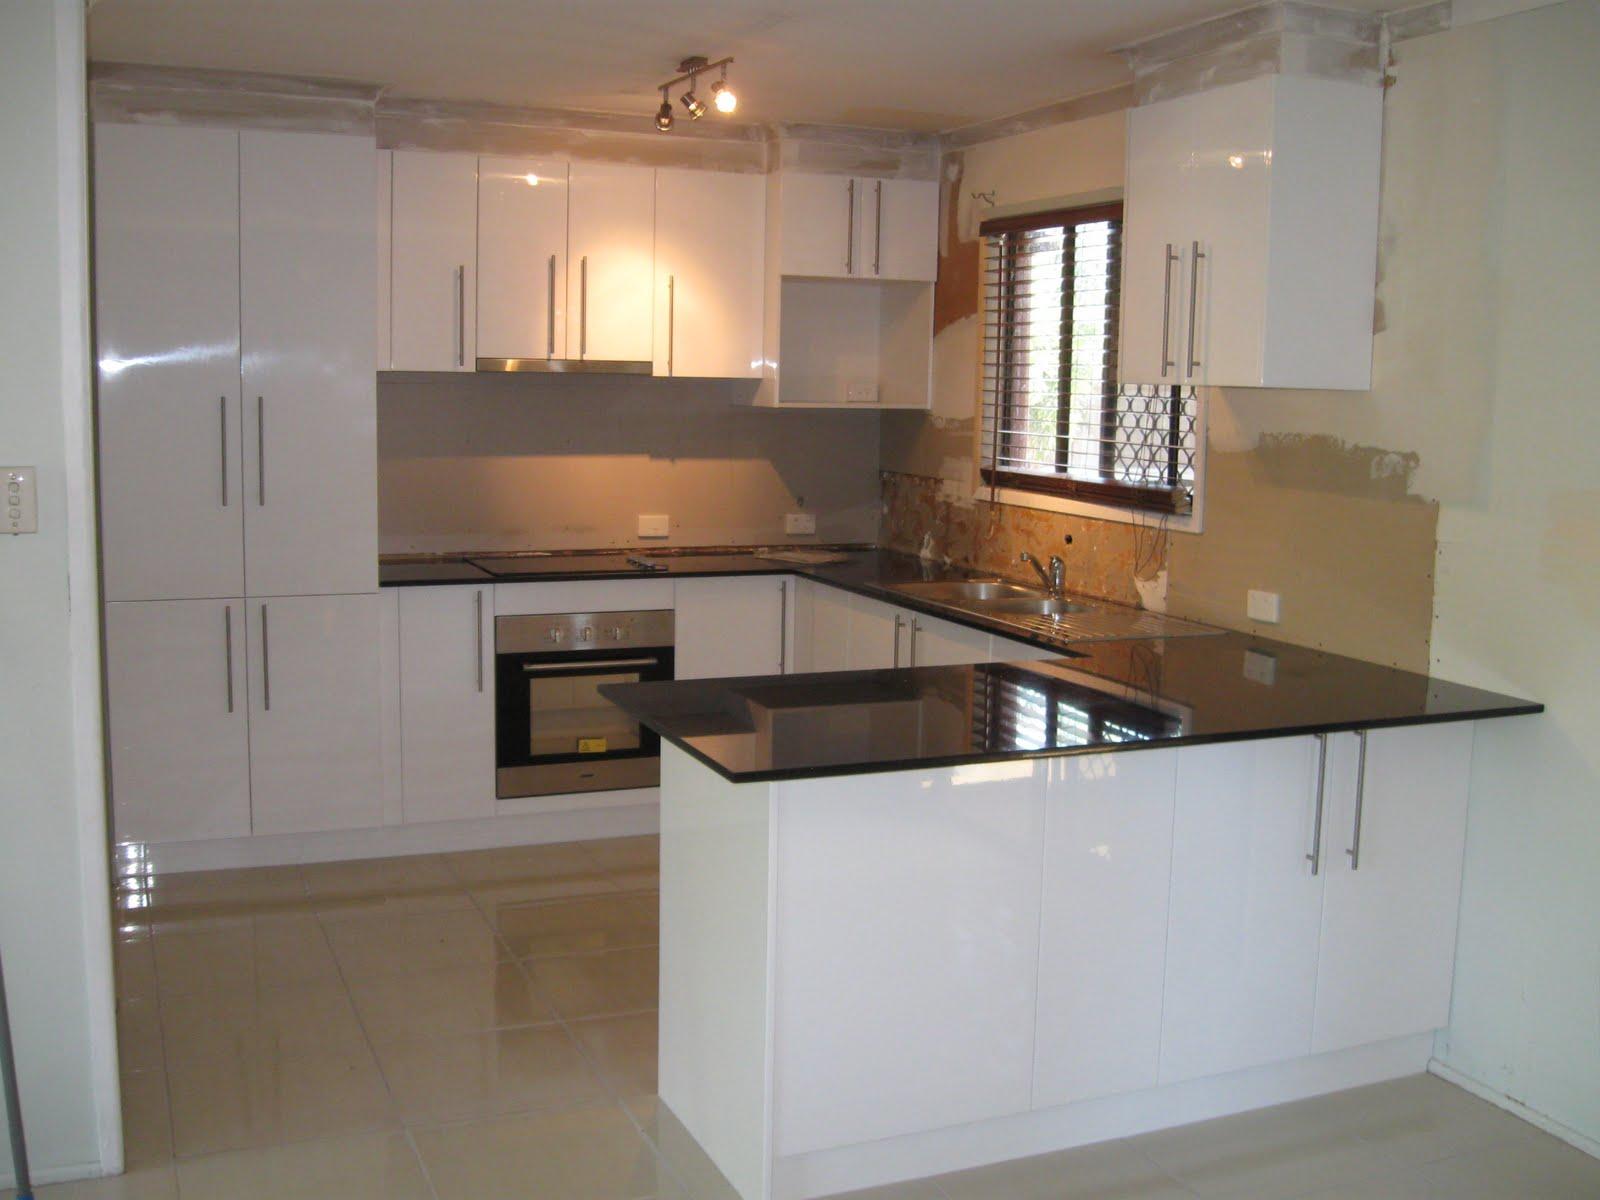 u shaped kitchen small photo - 6